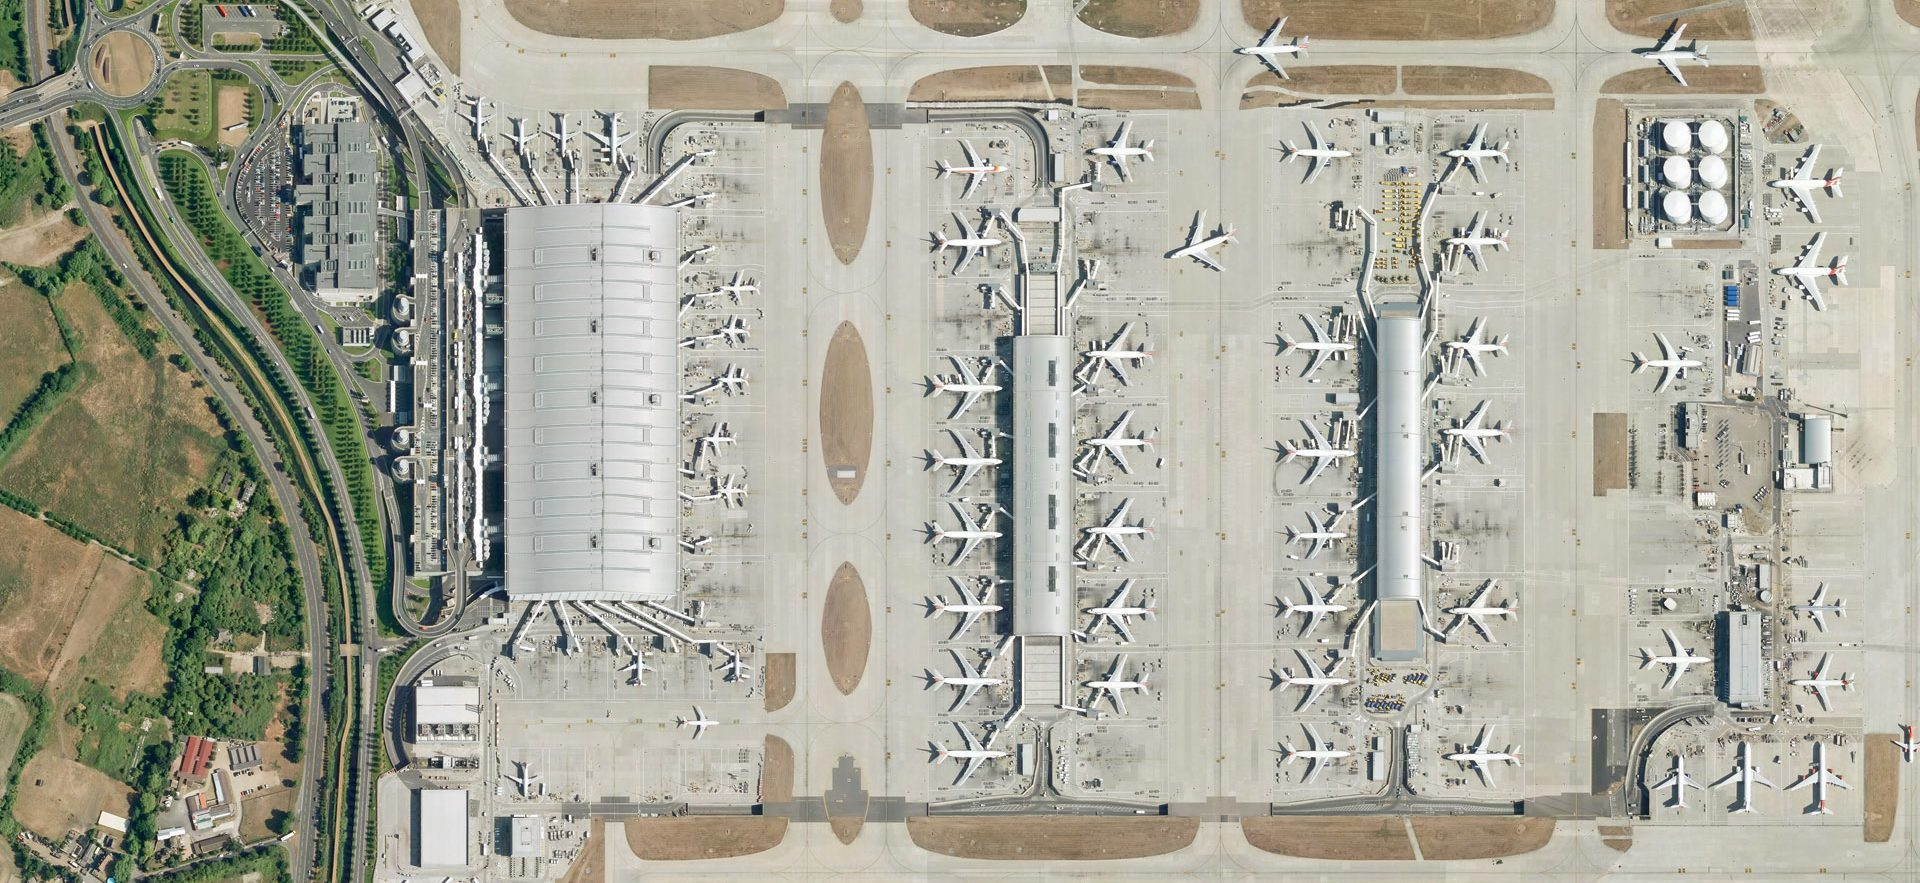 Terminal 5 de Heathrow